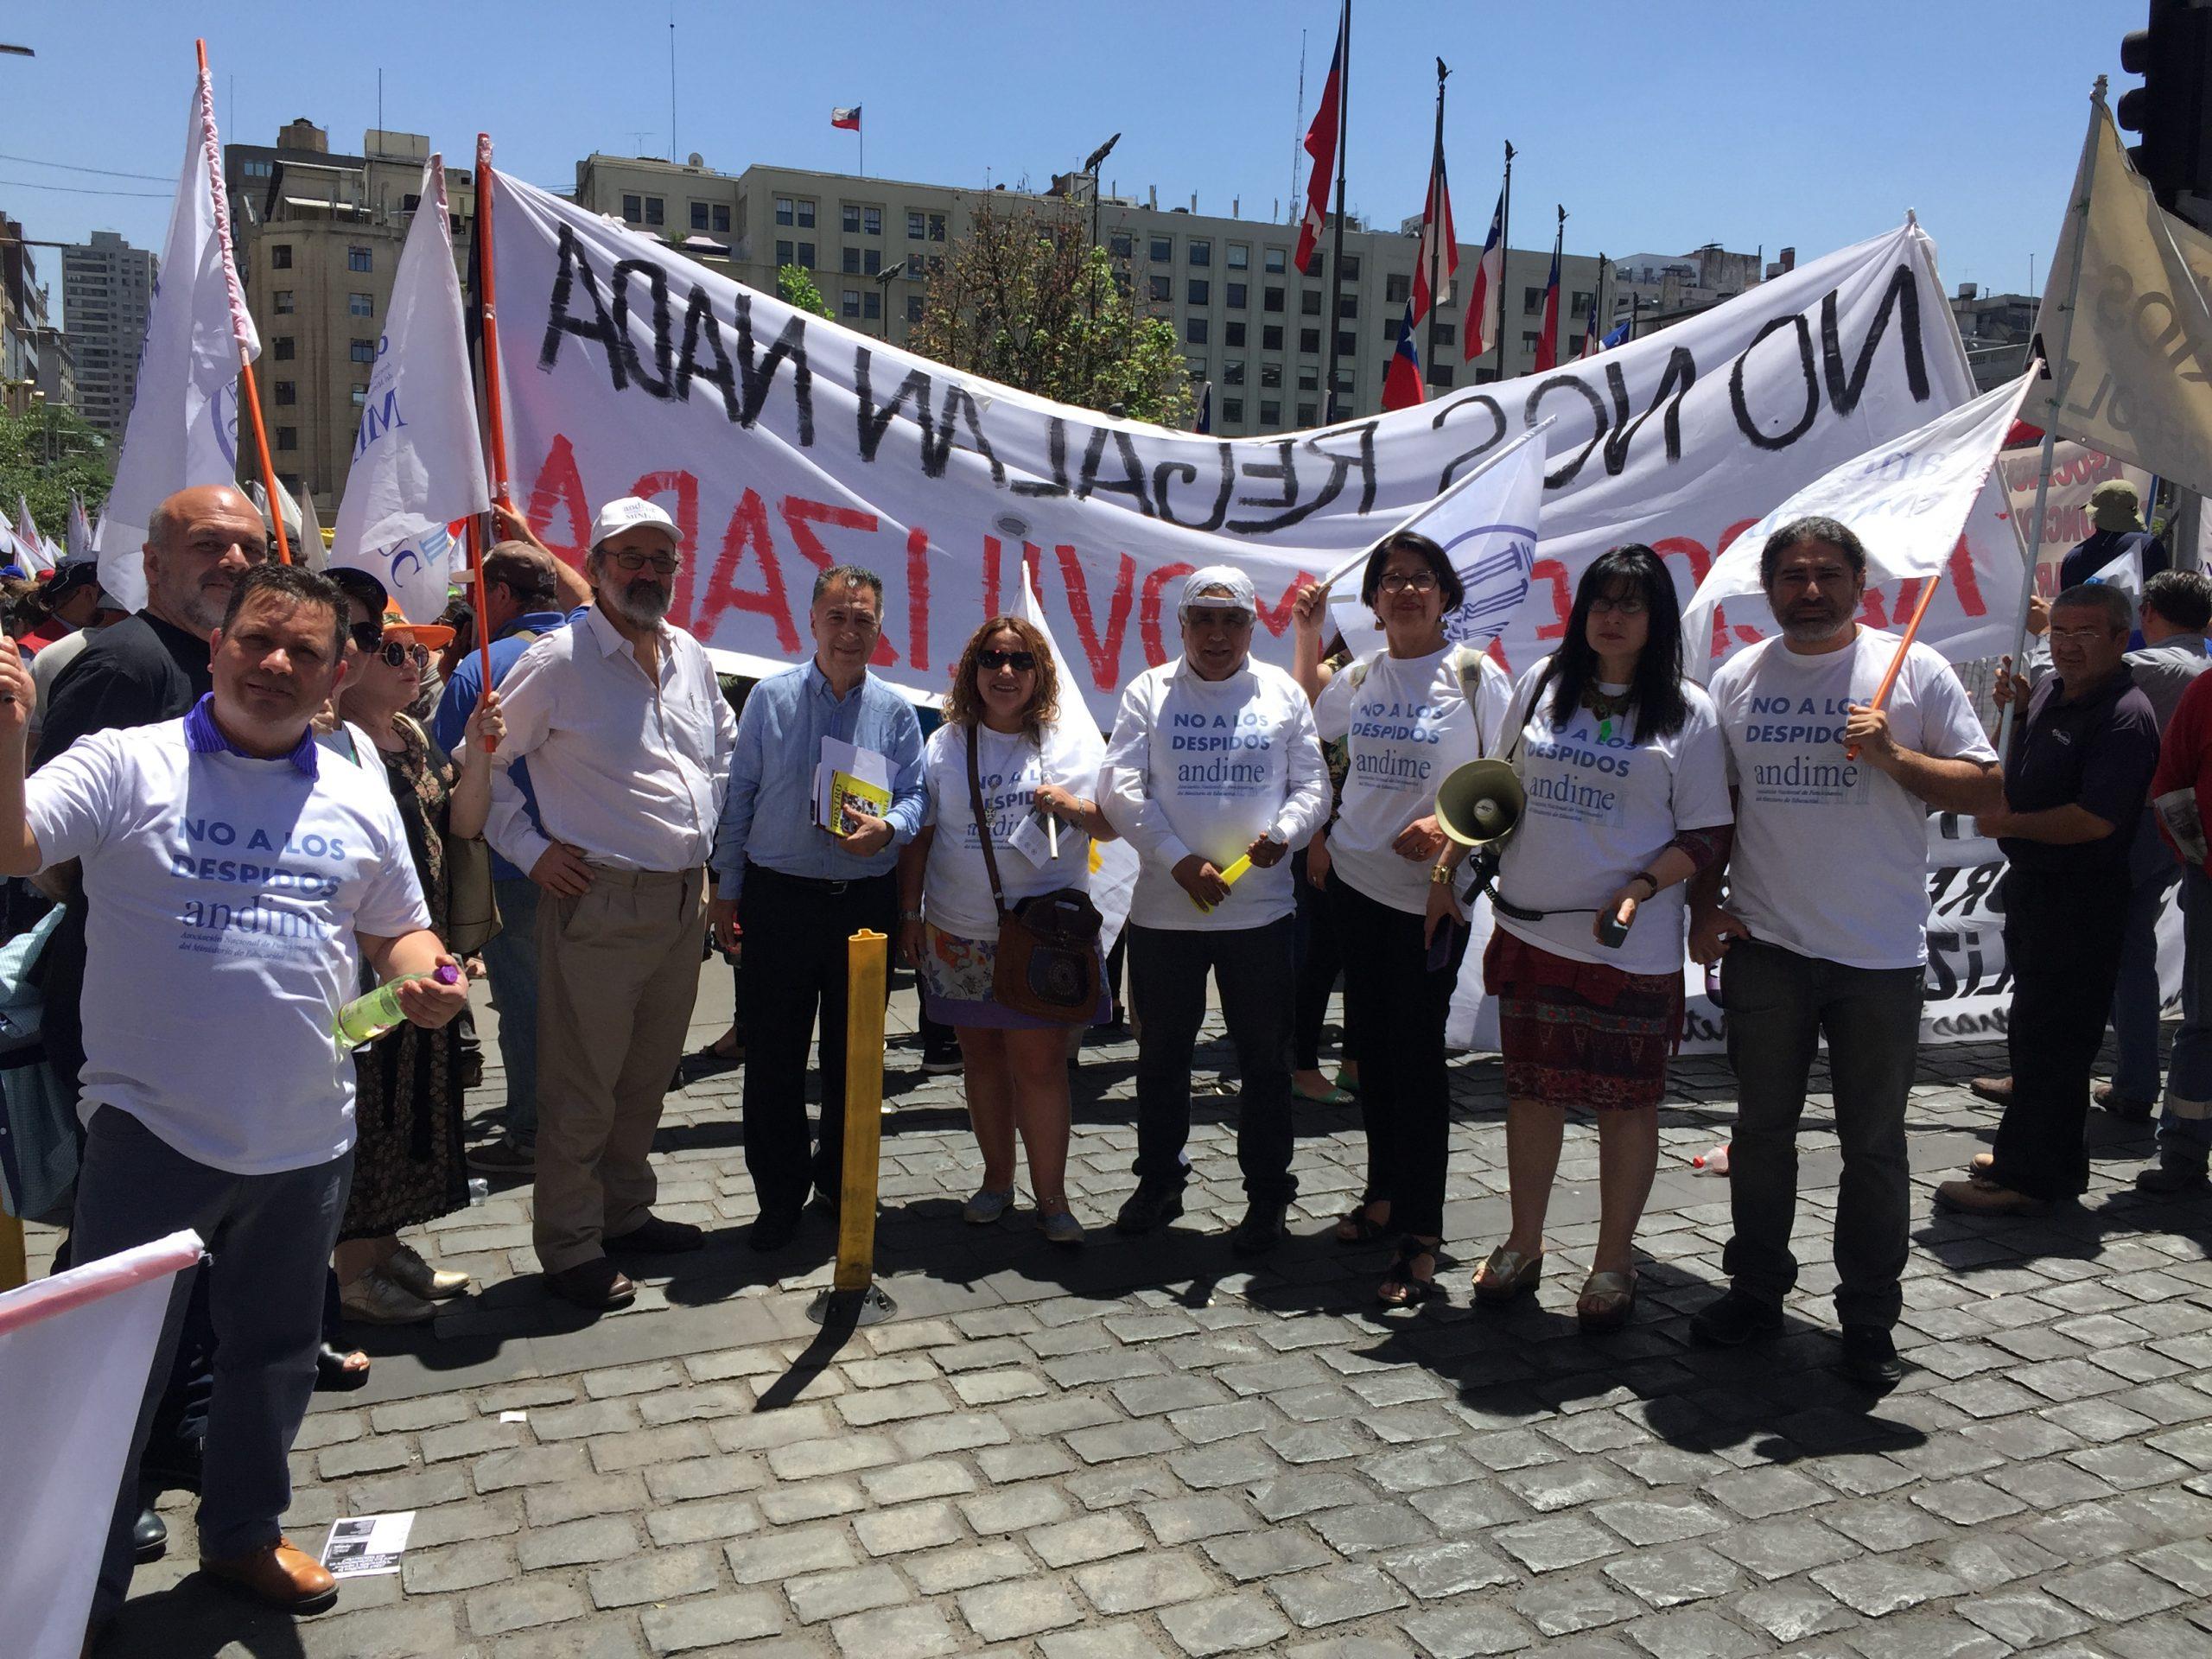 Minuto a minuto: Con presencia de ANDIME Trabajadores del Estado se manifestaron en el frontis de la Moneda